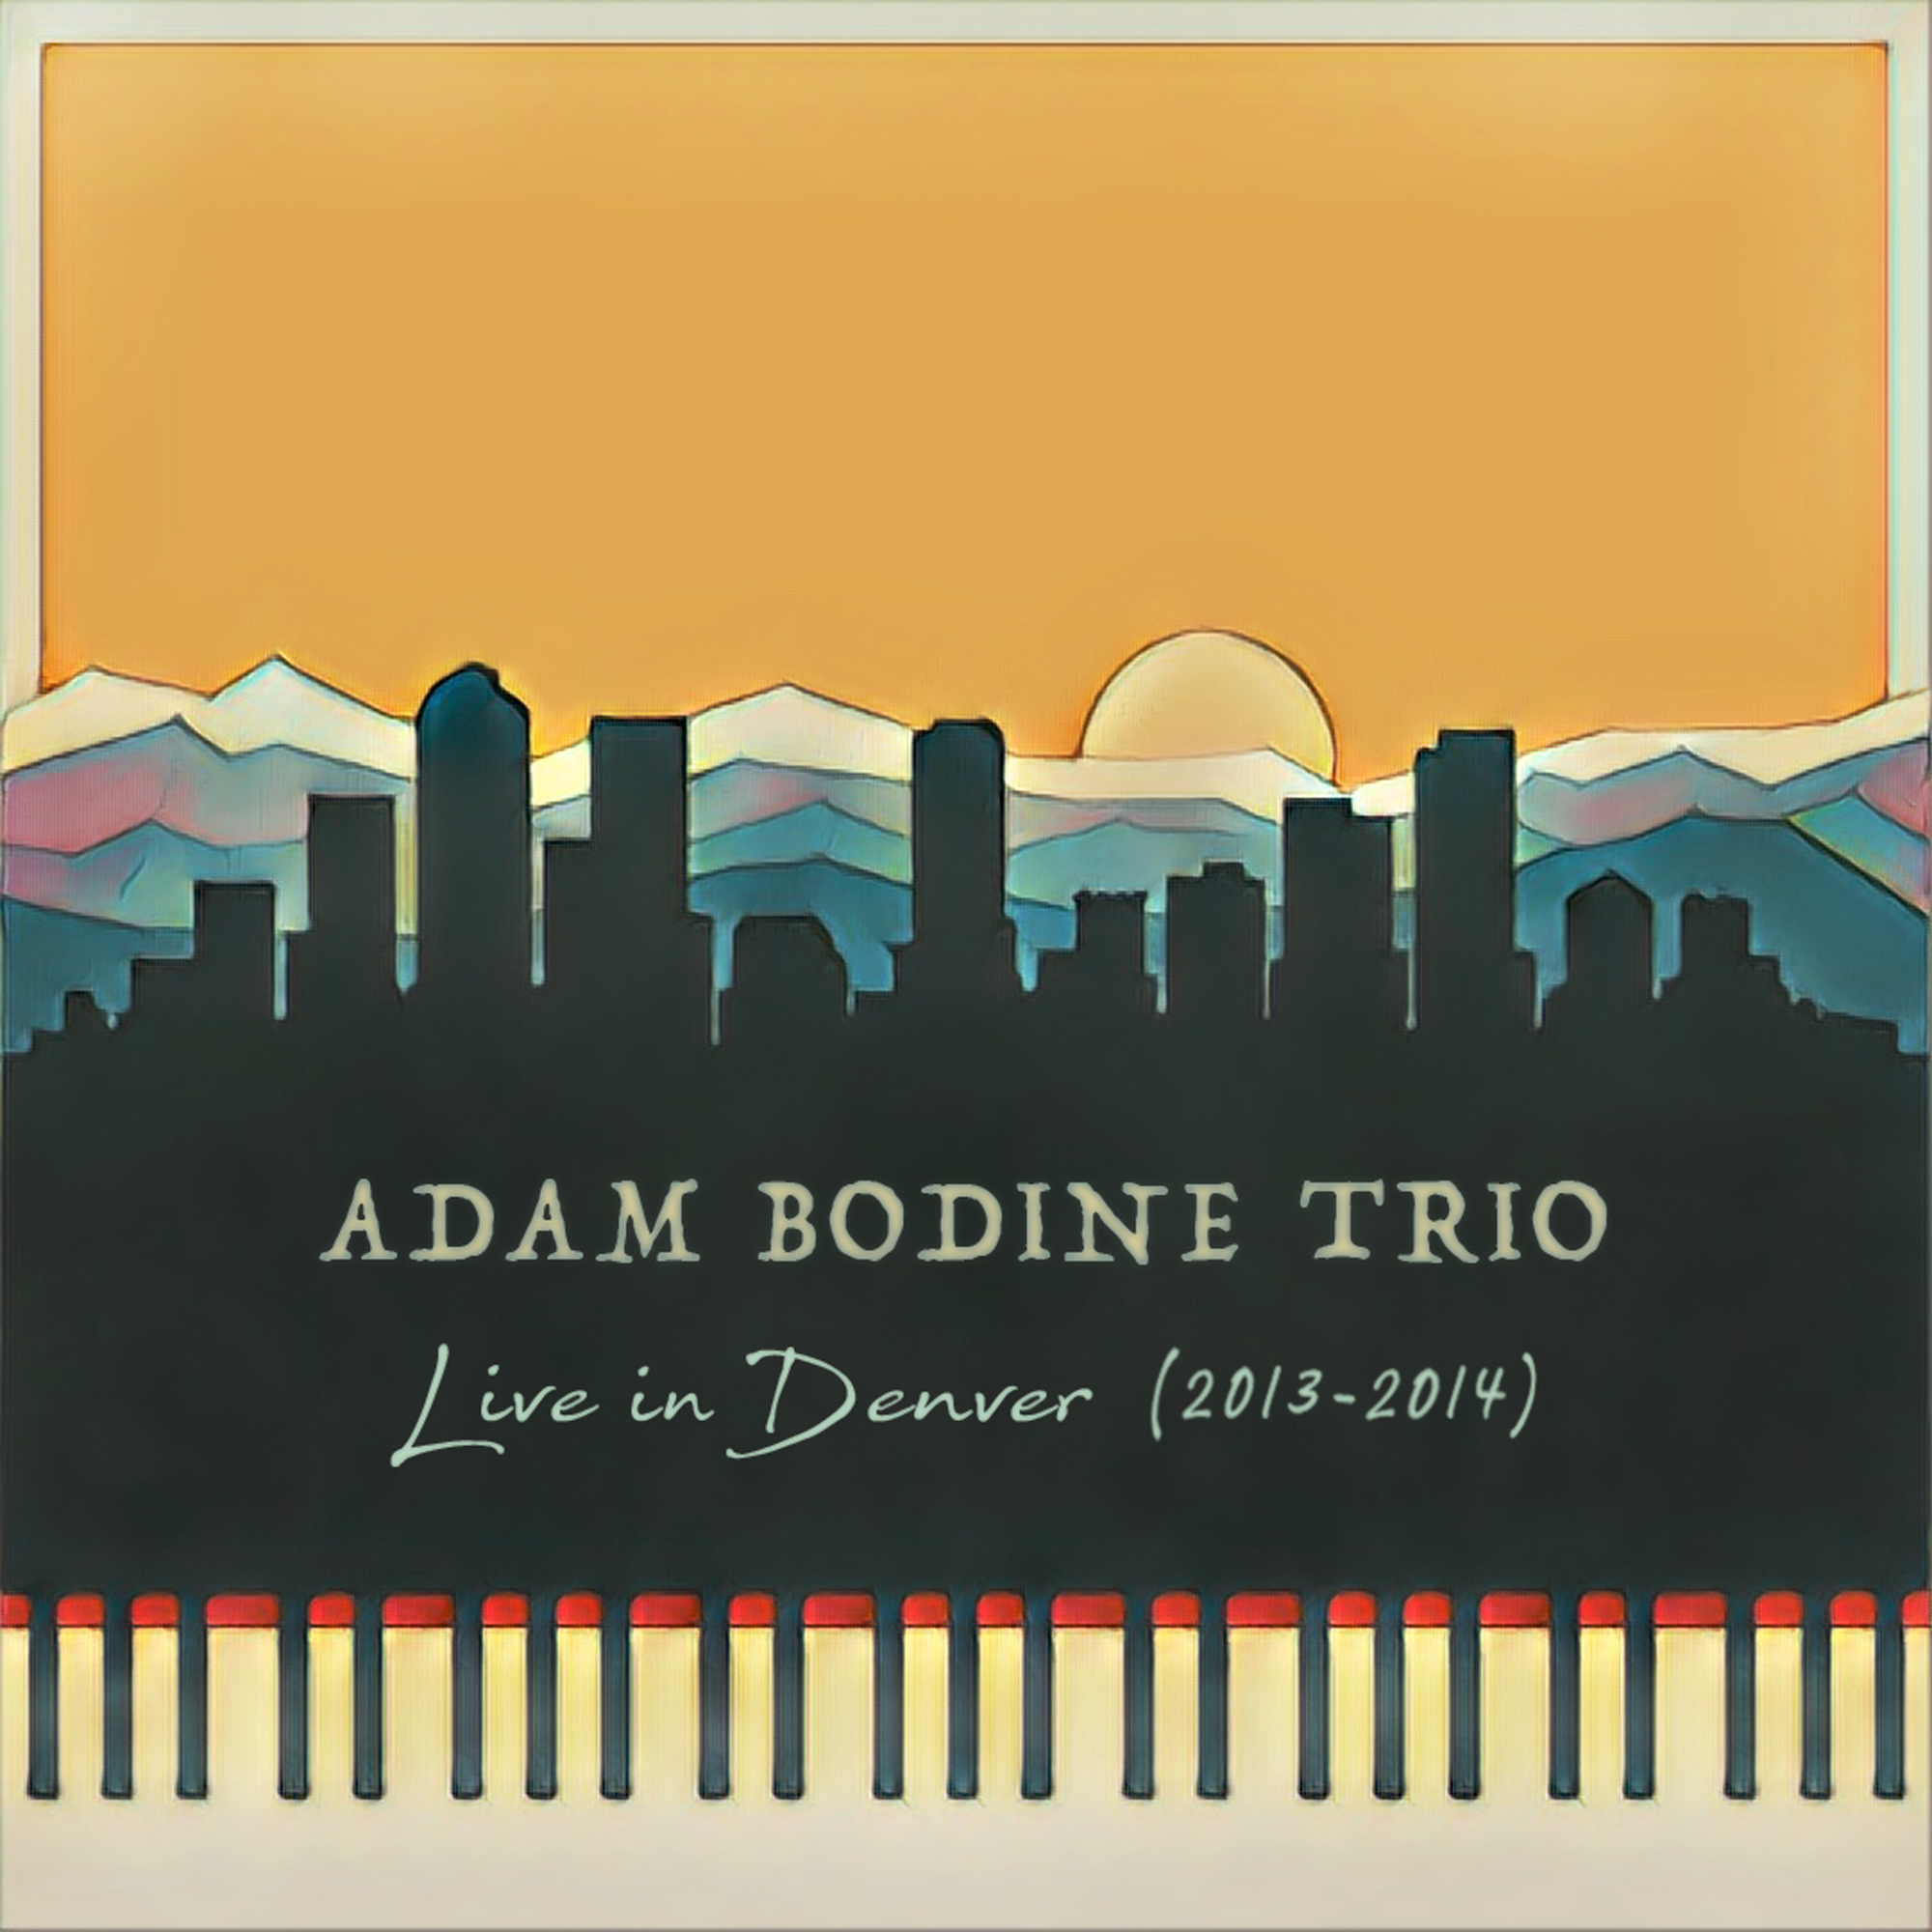 Adam Bodine Trio - Live in Denver (2013-2014)